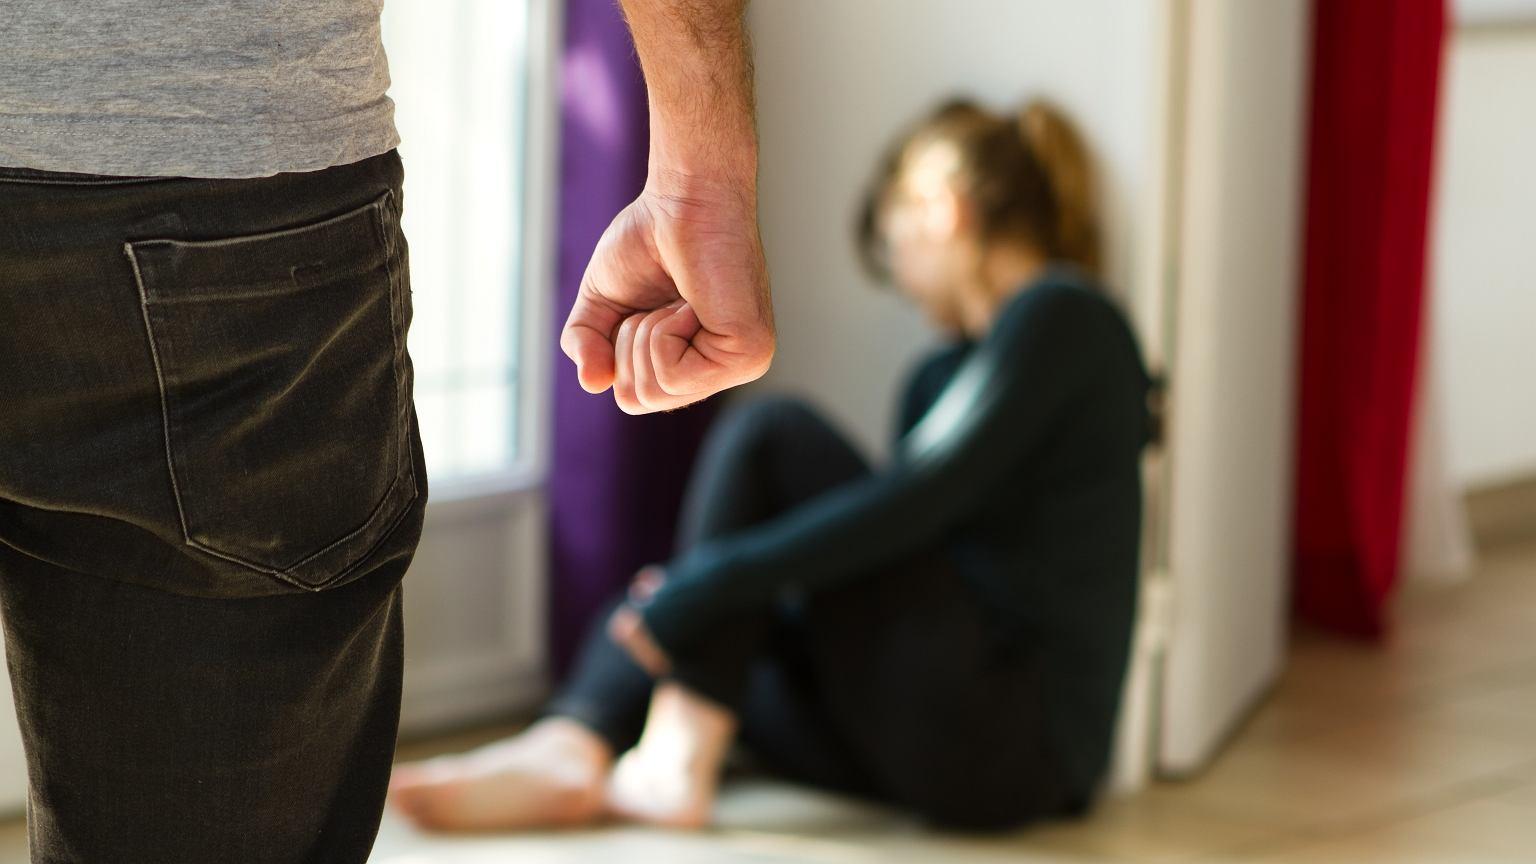 rodzice dziewczyny nie chcą, żeby się umawiała